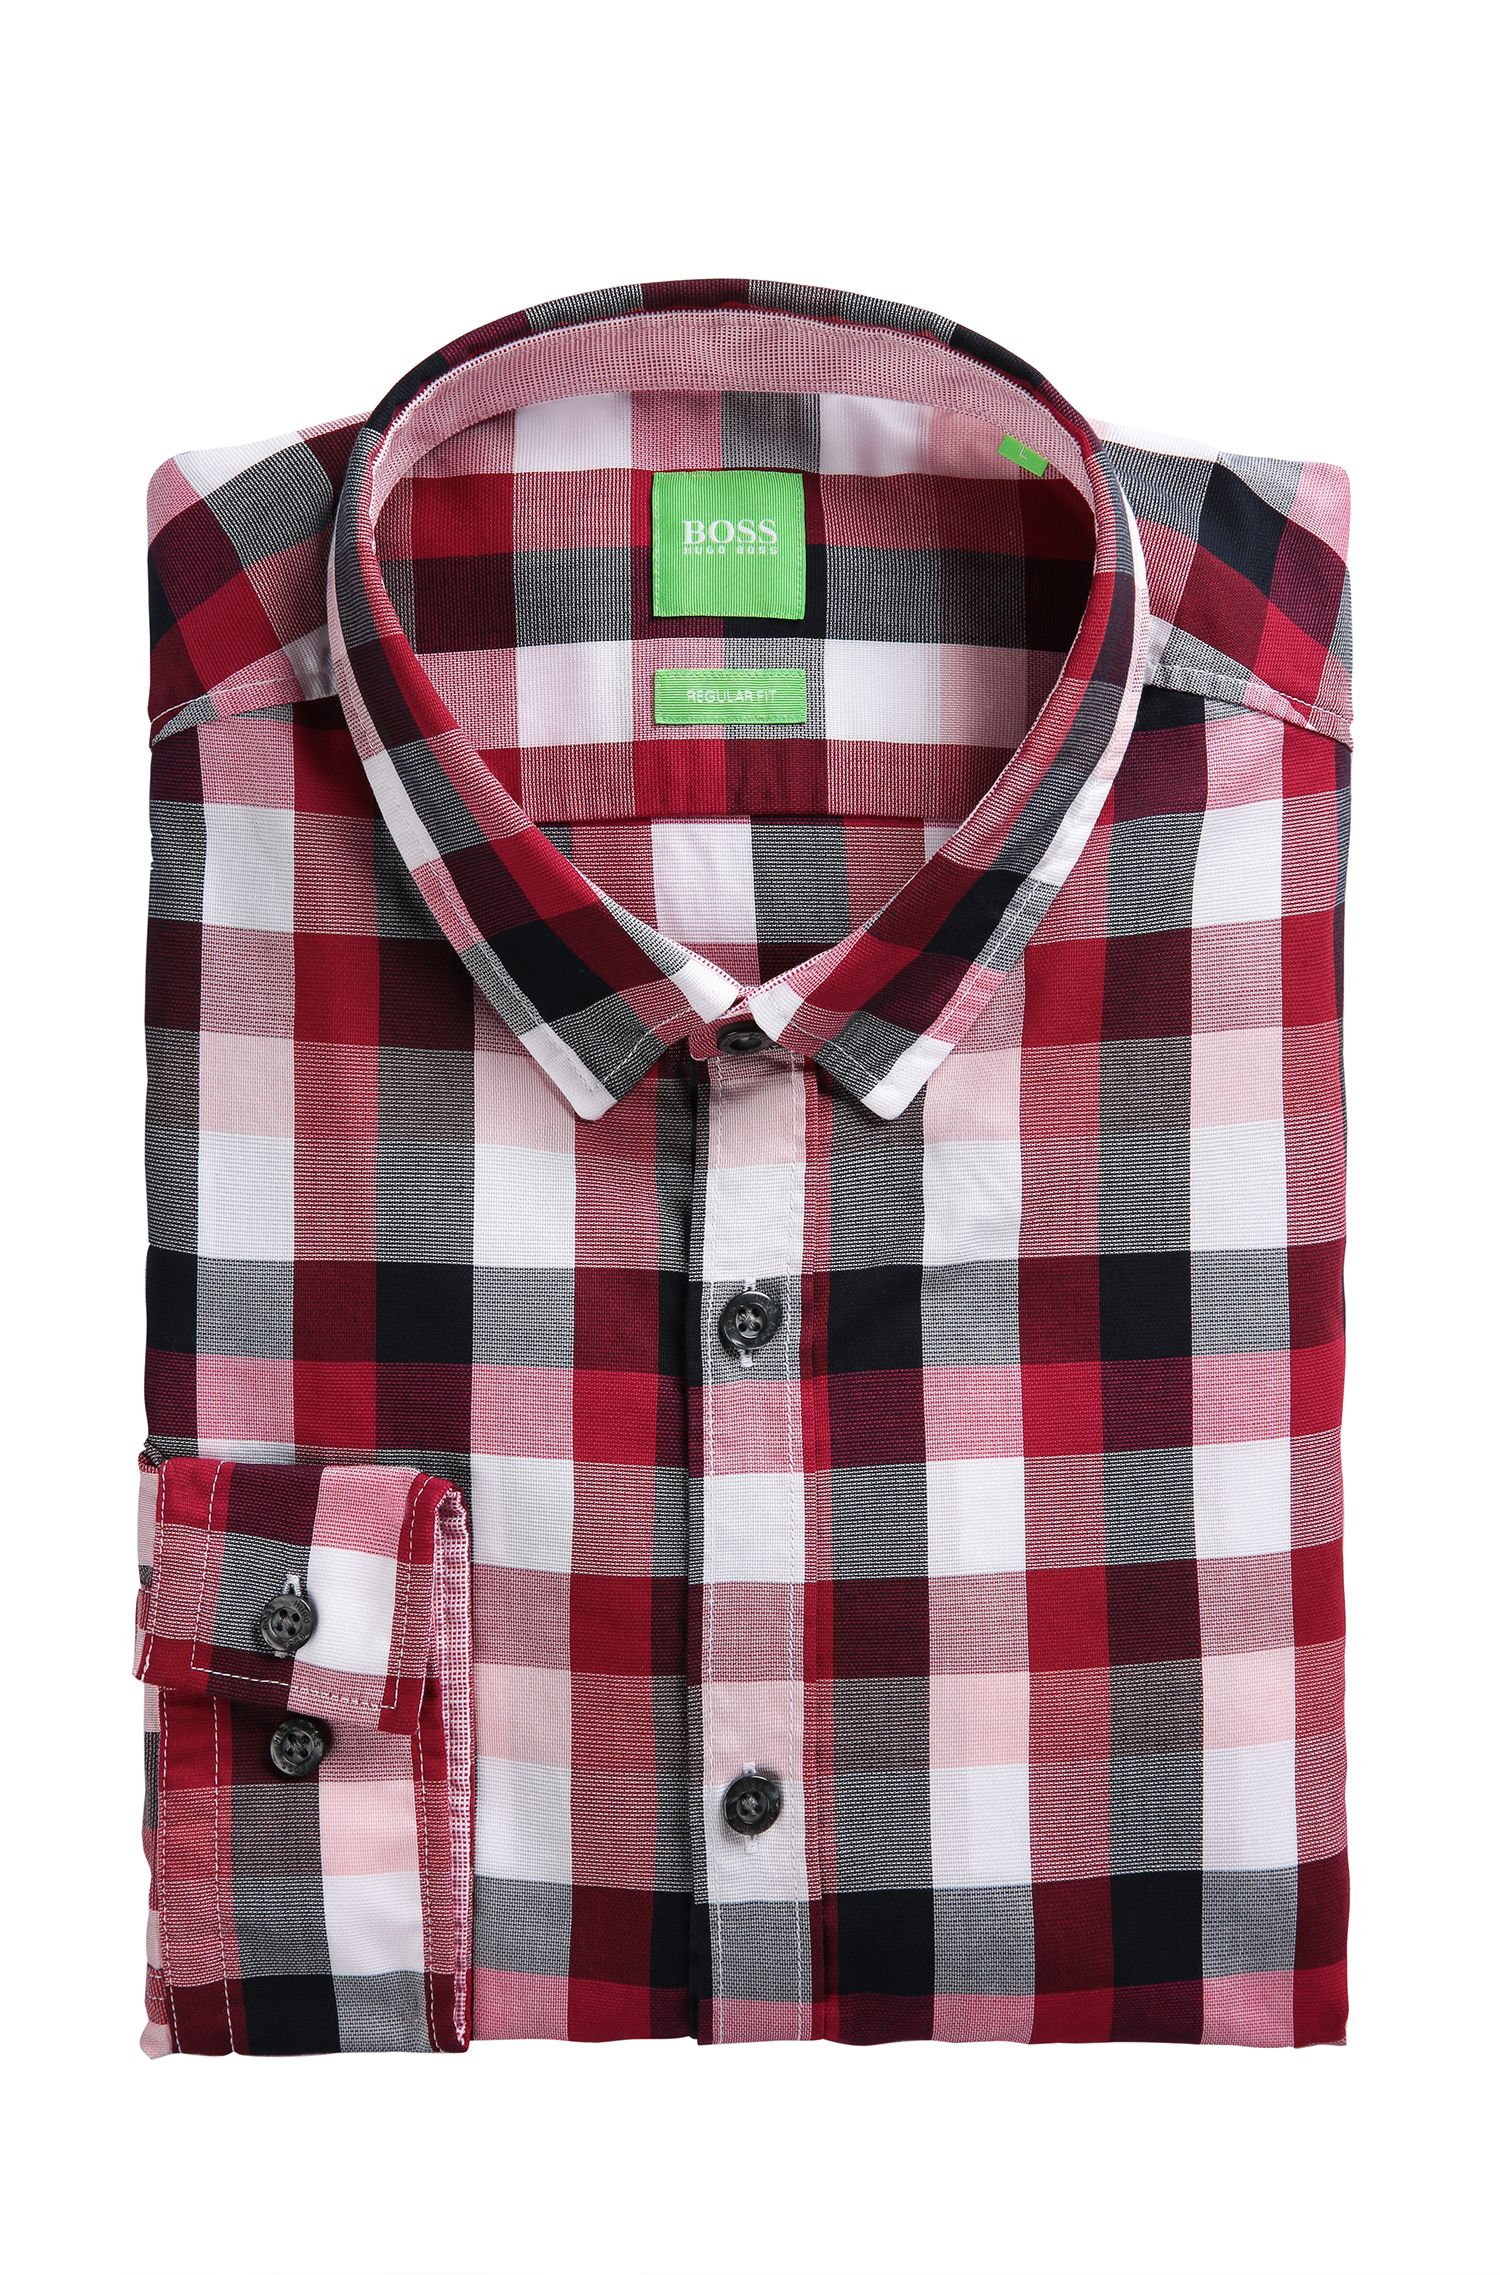 Cotton Textured Button Down Shirt, Regular Fit   C-Bence